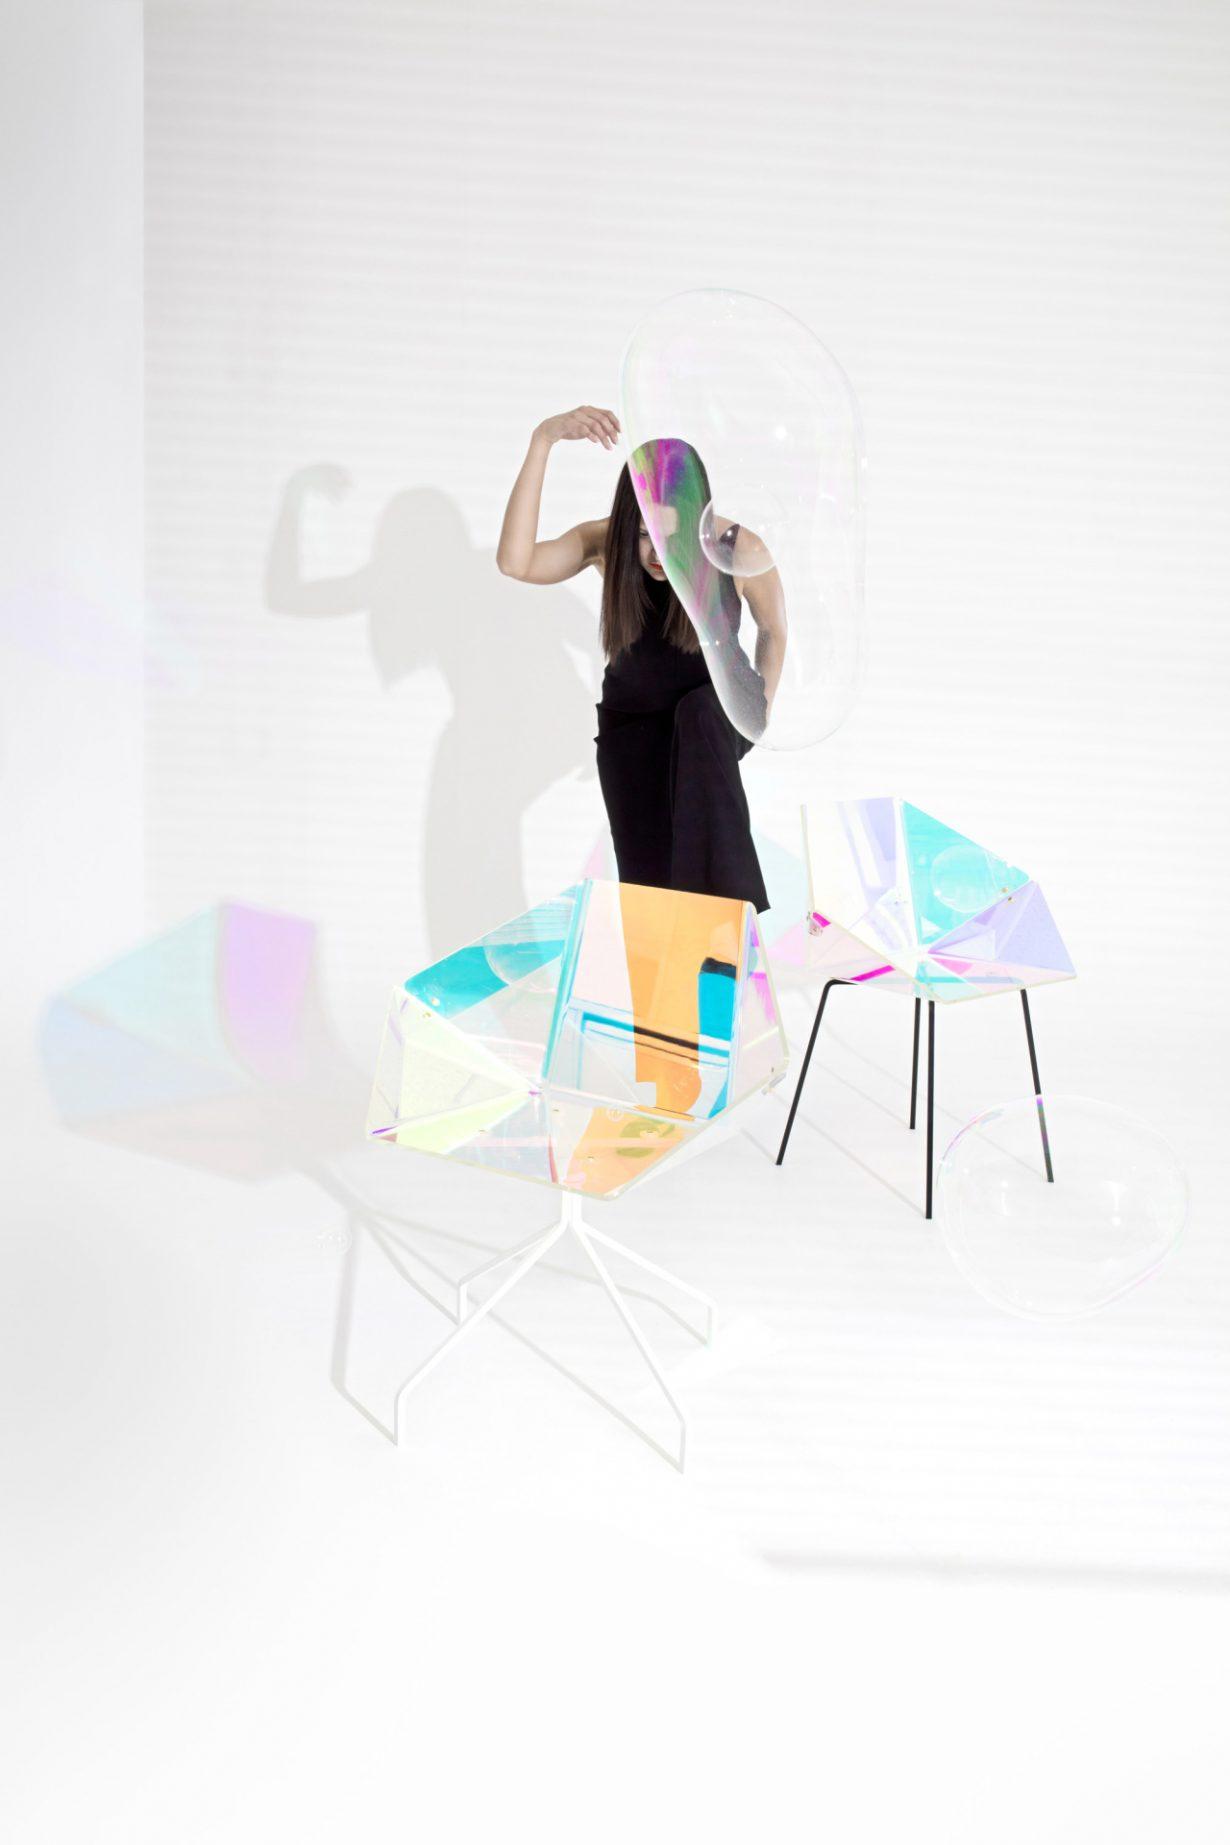 Prismania chair van elise luttik vanaf elke hoek een andere kleur